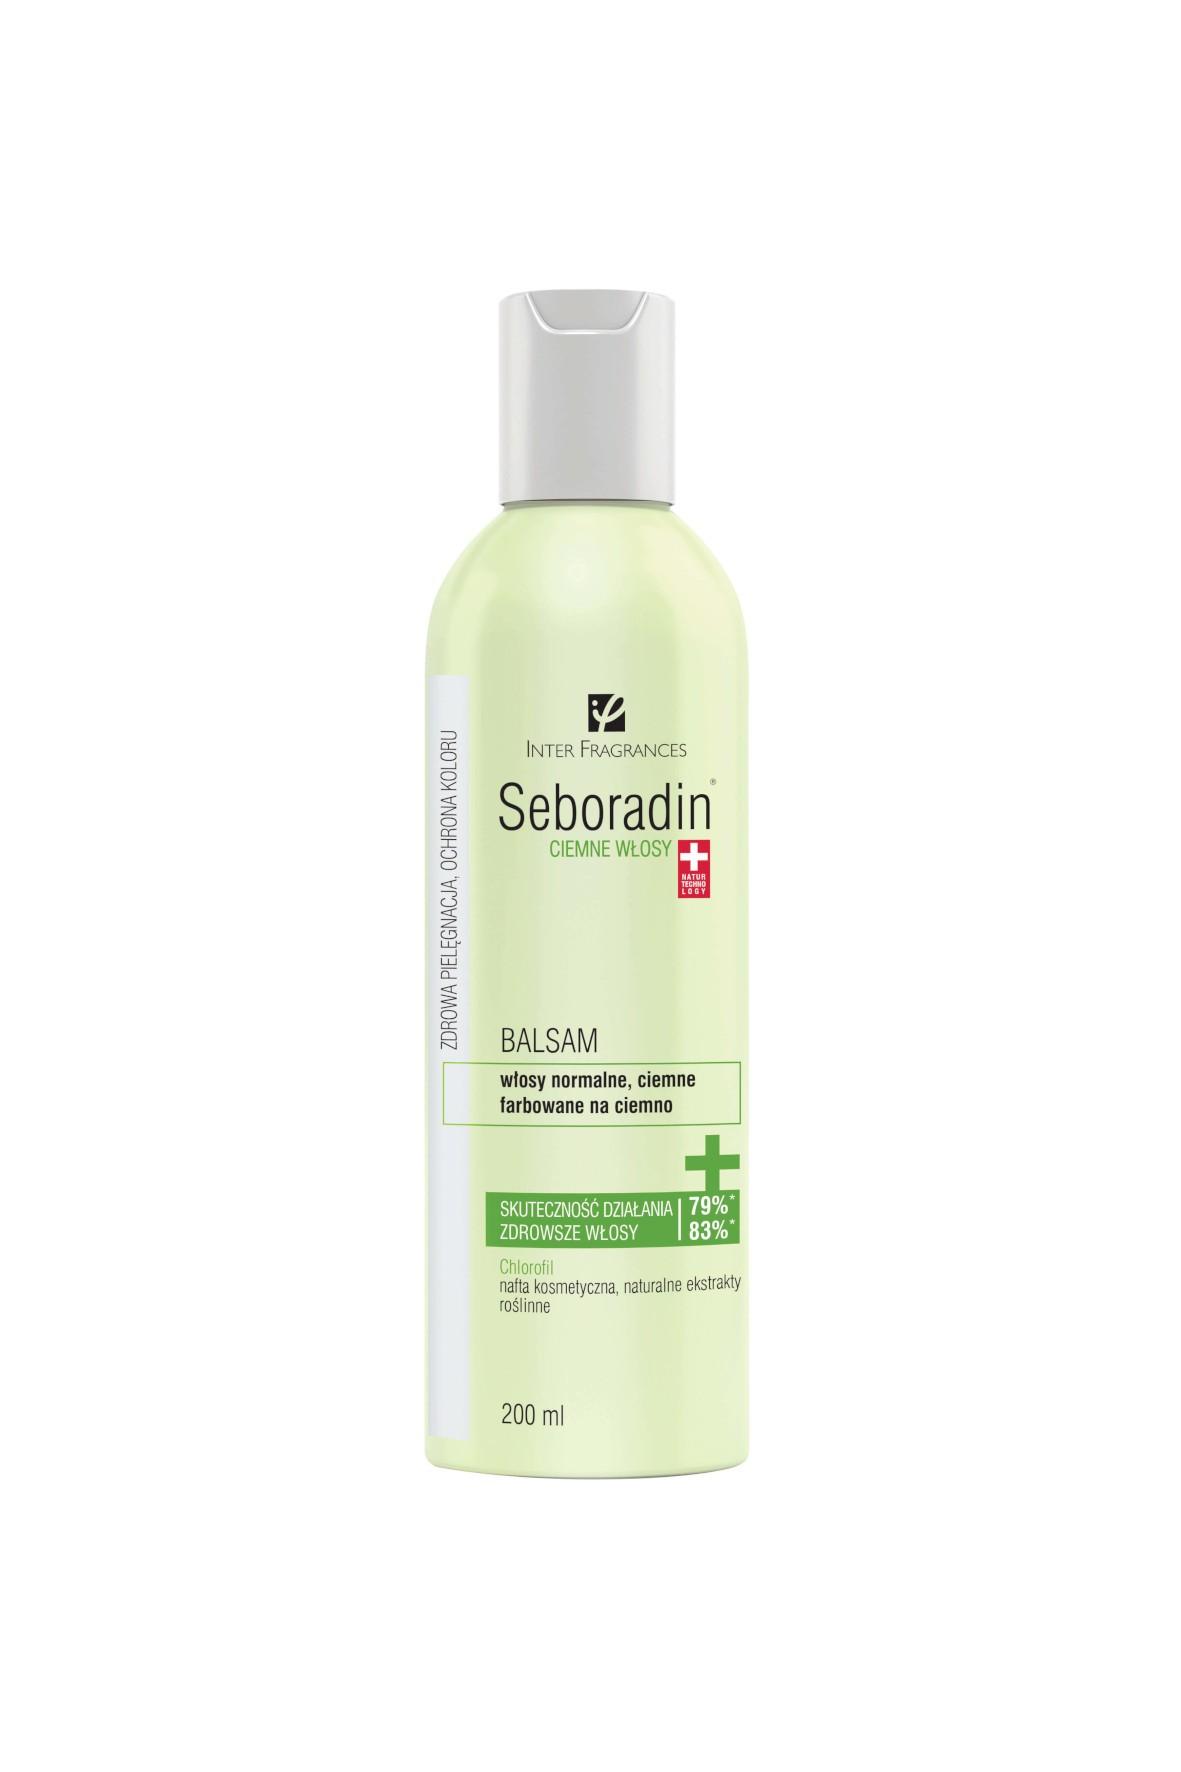 Seboradin Ciemne Włosy balsam - 200ml